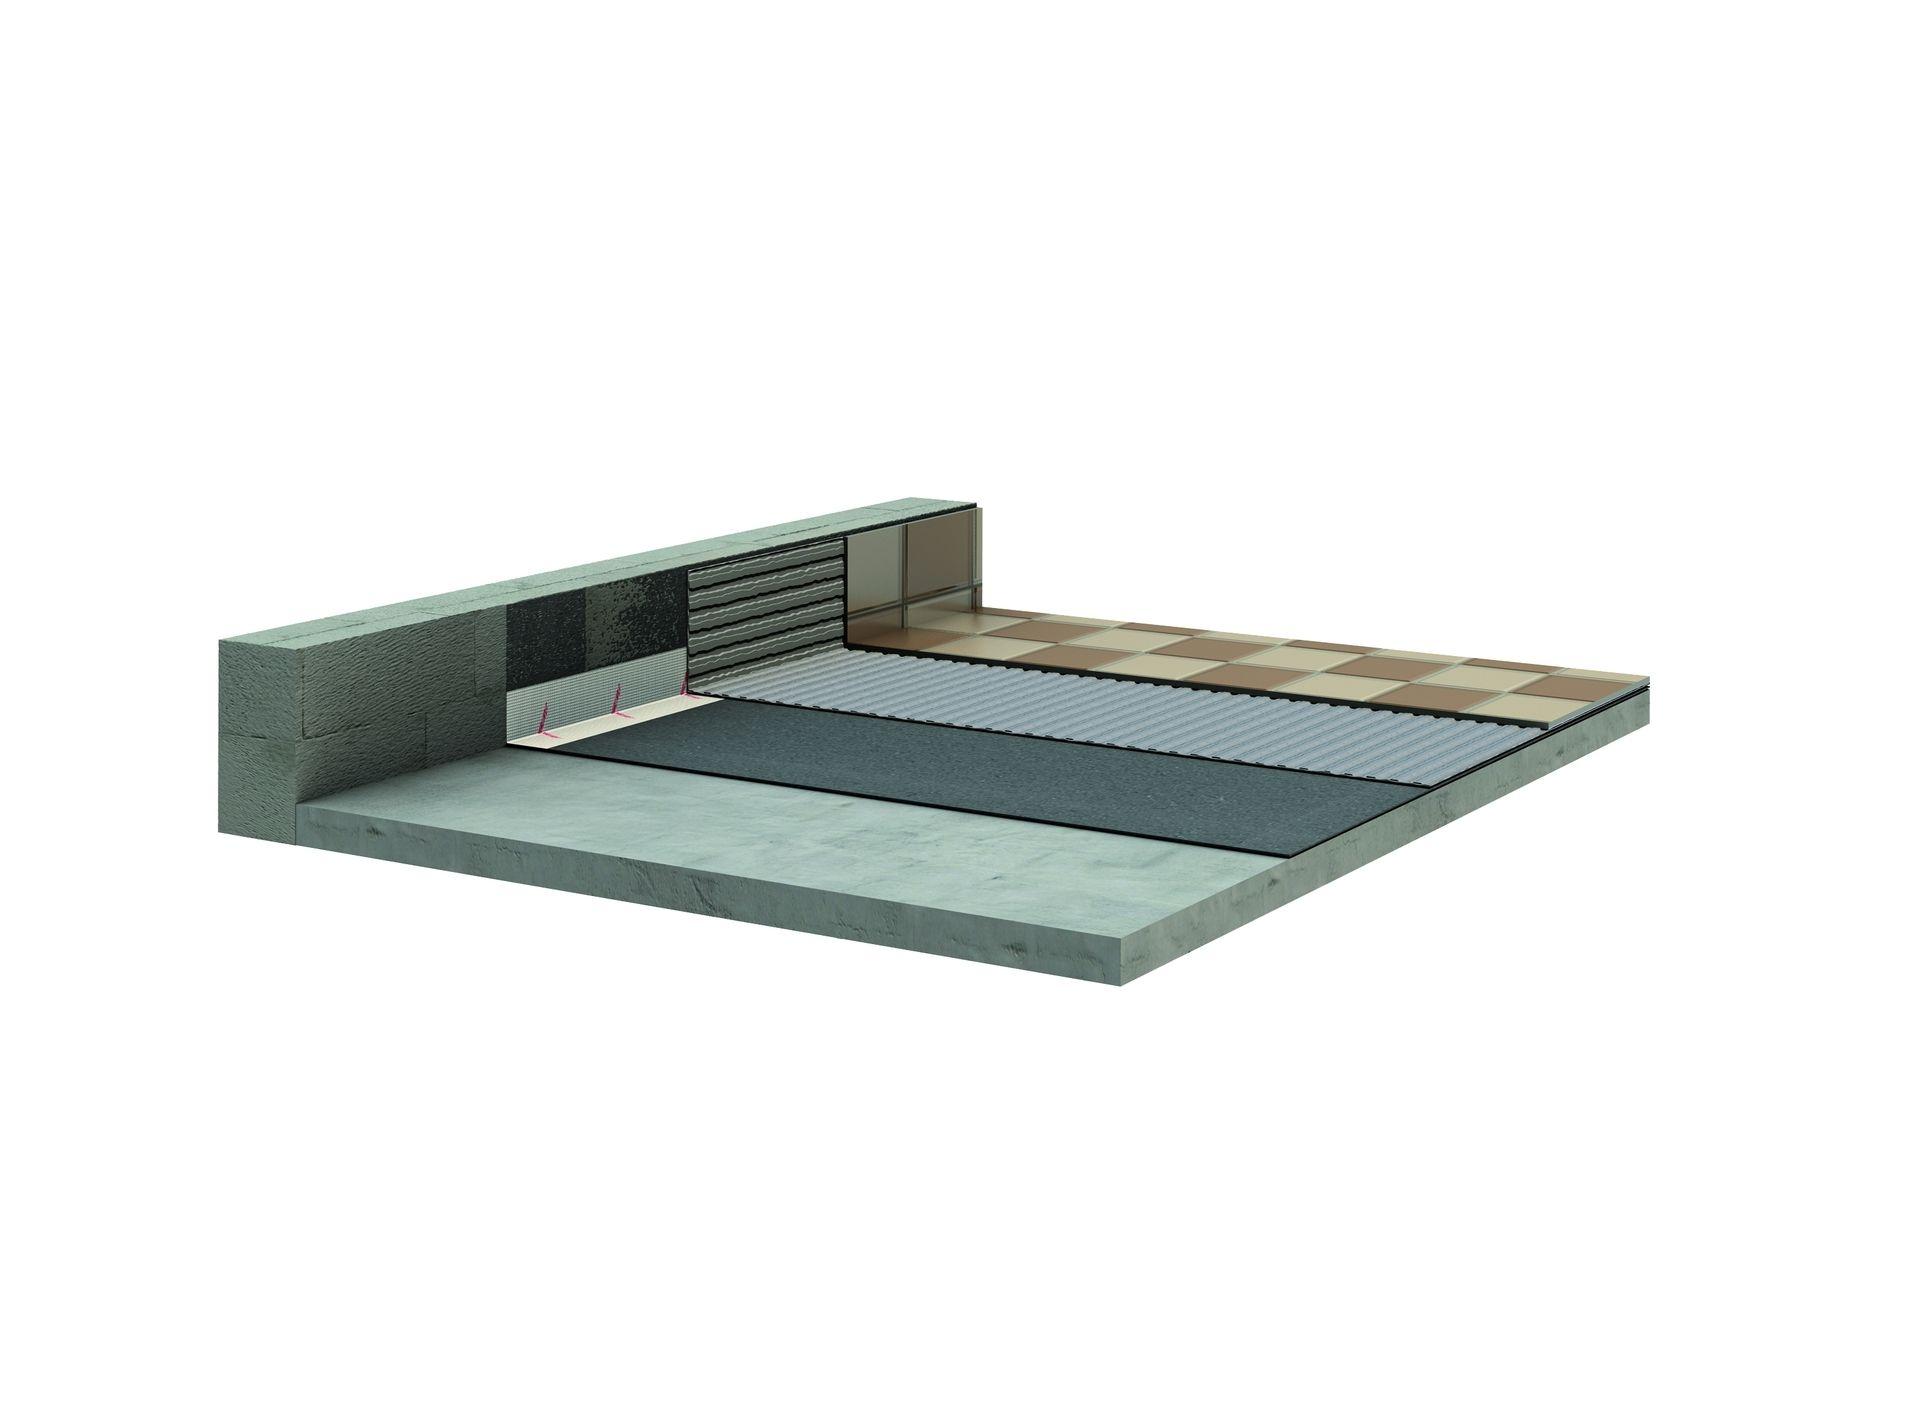 fliesen naturstein estrich verlegen ais. Black Bedroom Furniture Sets. Home Design Ideas